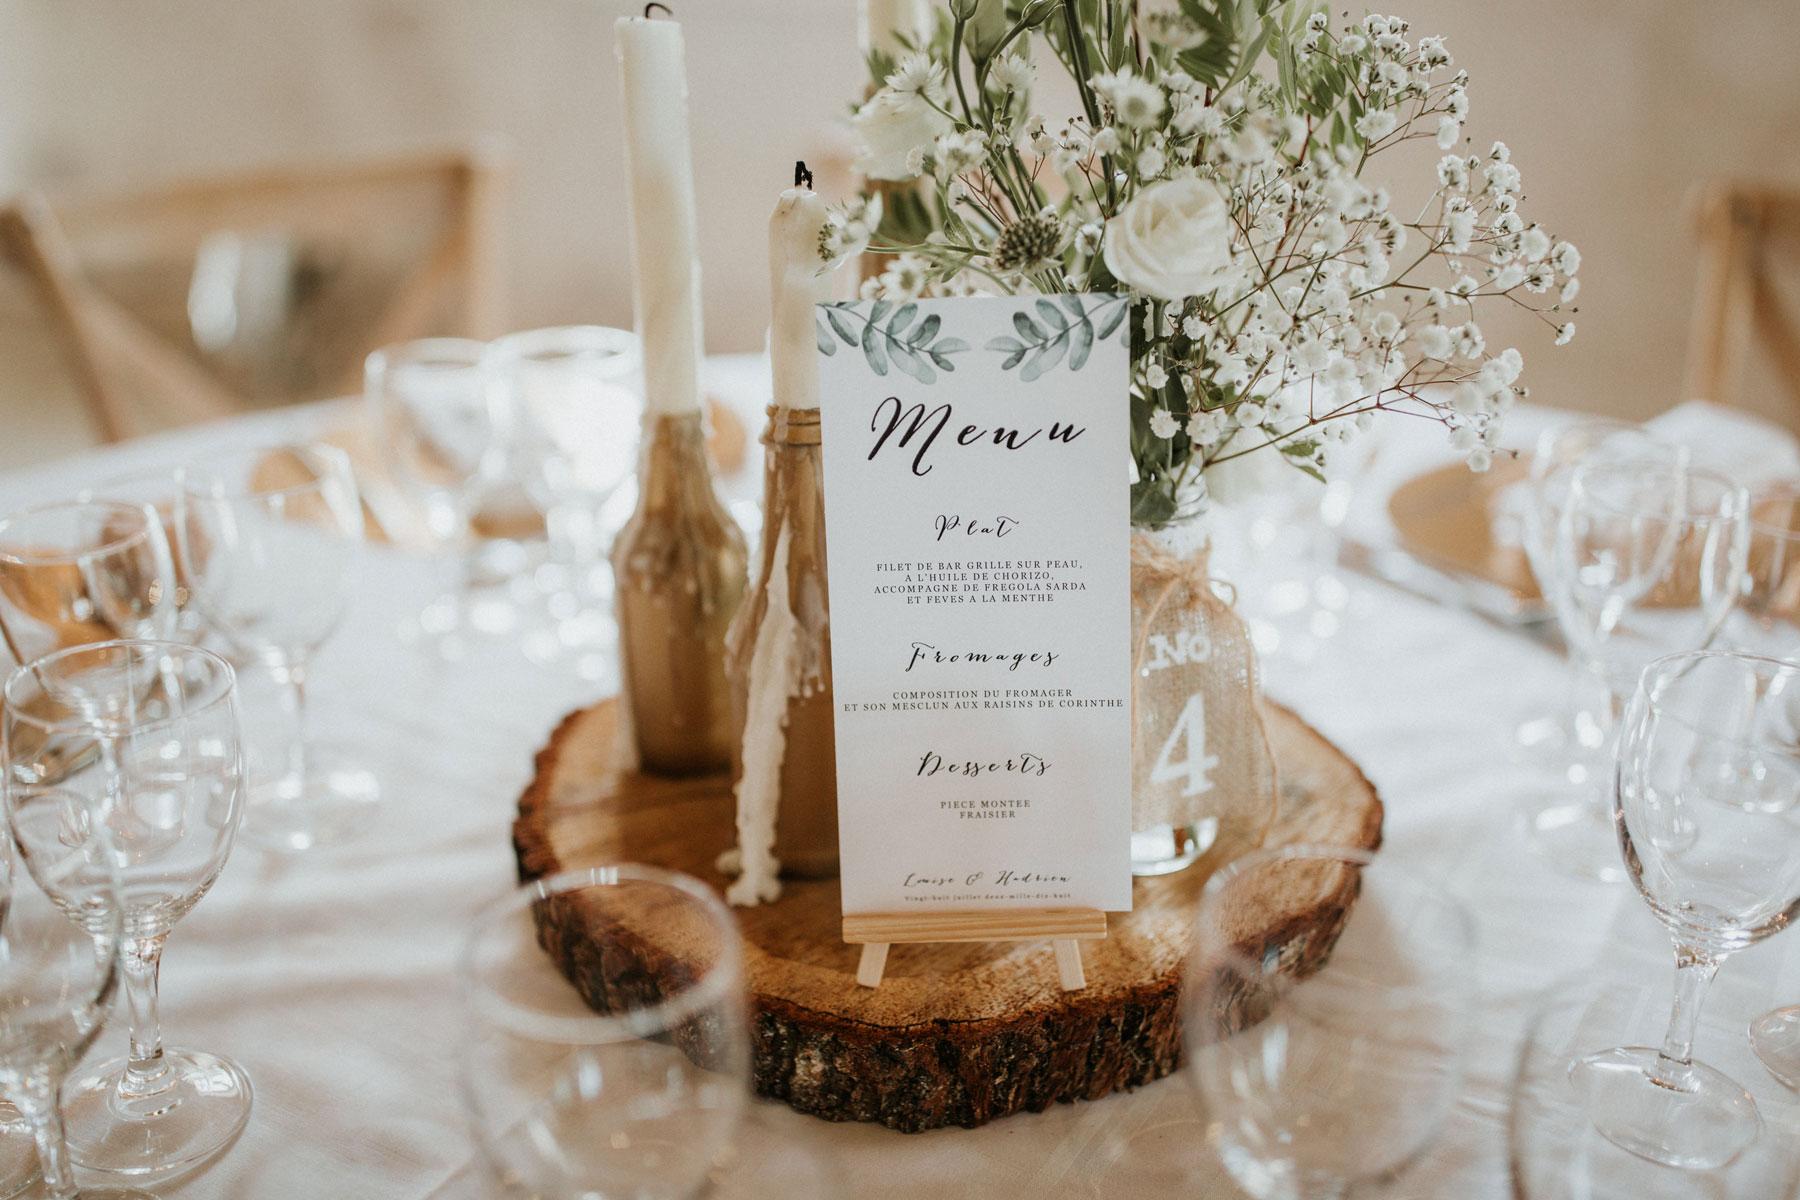 Mariage-naturel-et-vegetal-centre-de-table-rondin-de-bois-bouquet-champetre-bougies-studio-aloki